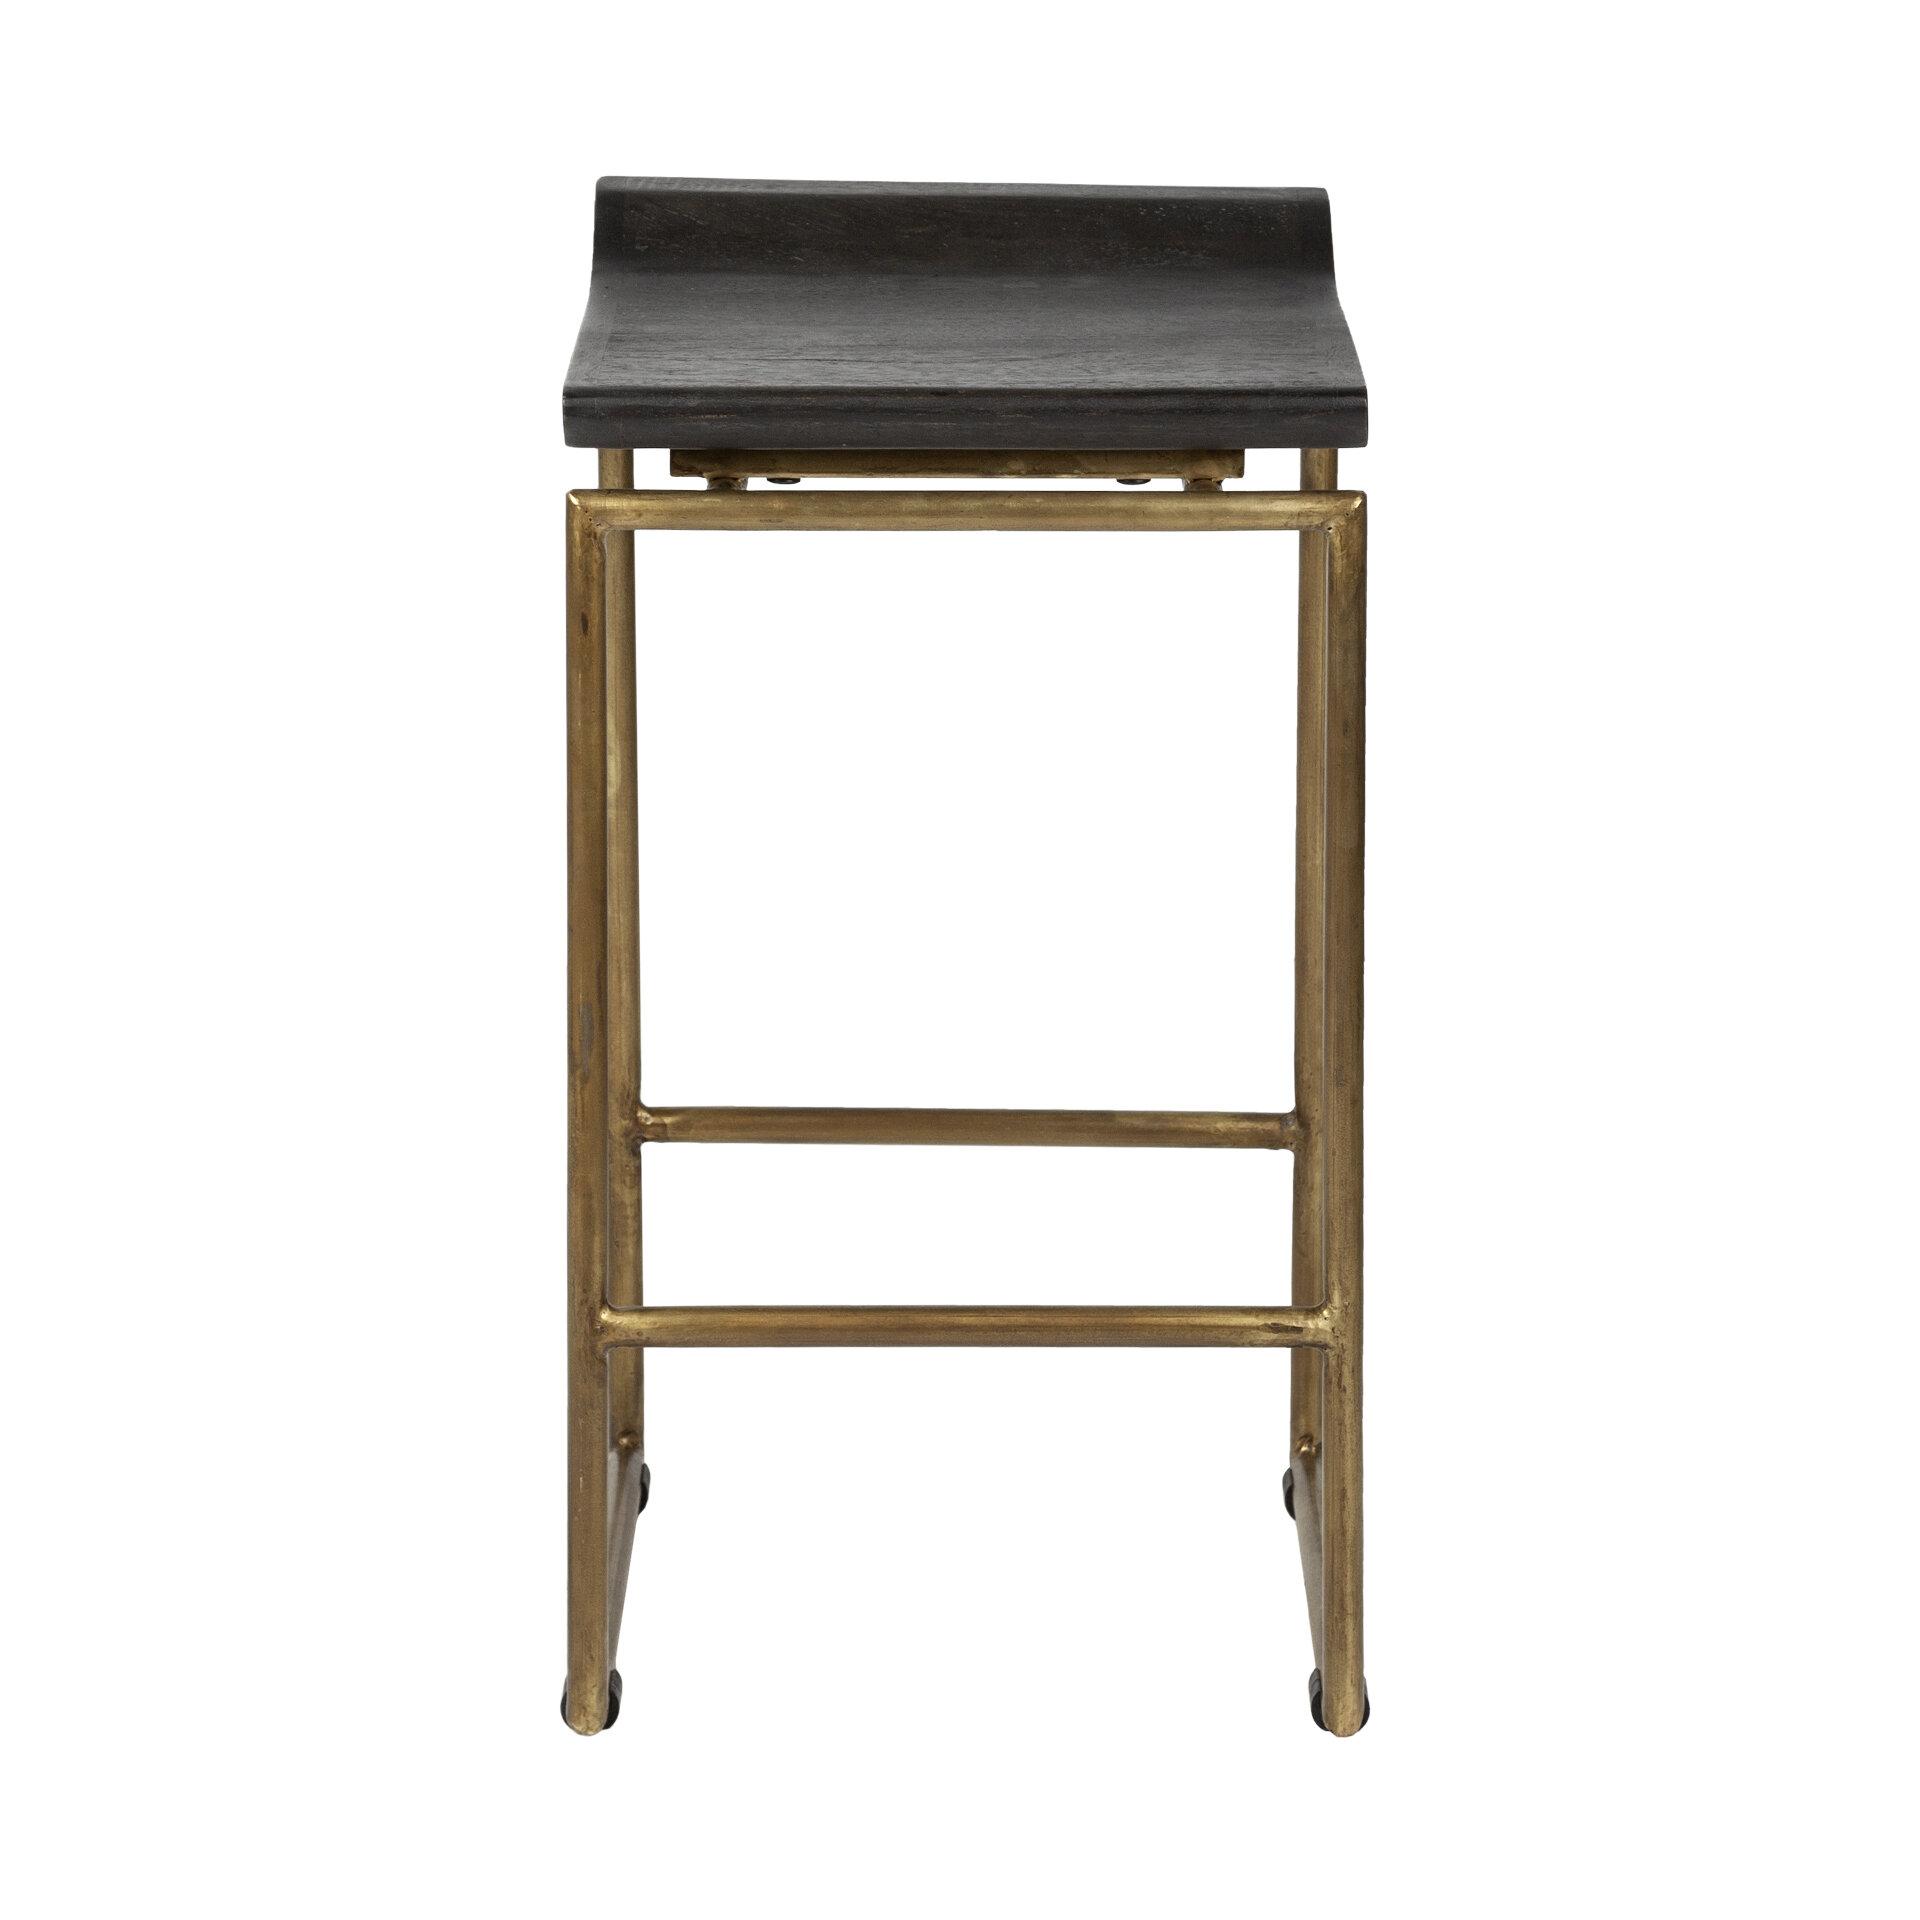 Peachy Ketterer 24 Bar Stool Alphanode Cool Chair Designs And Ideas Alphanodeonline